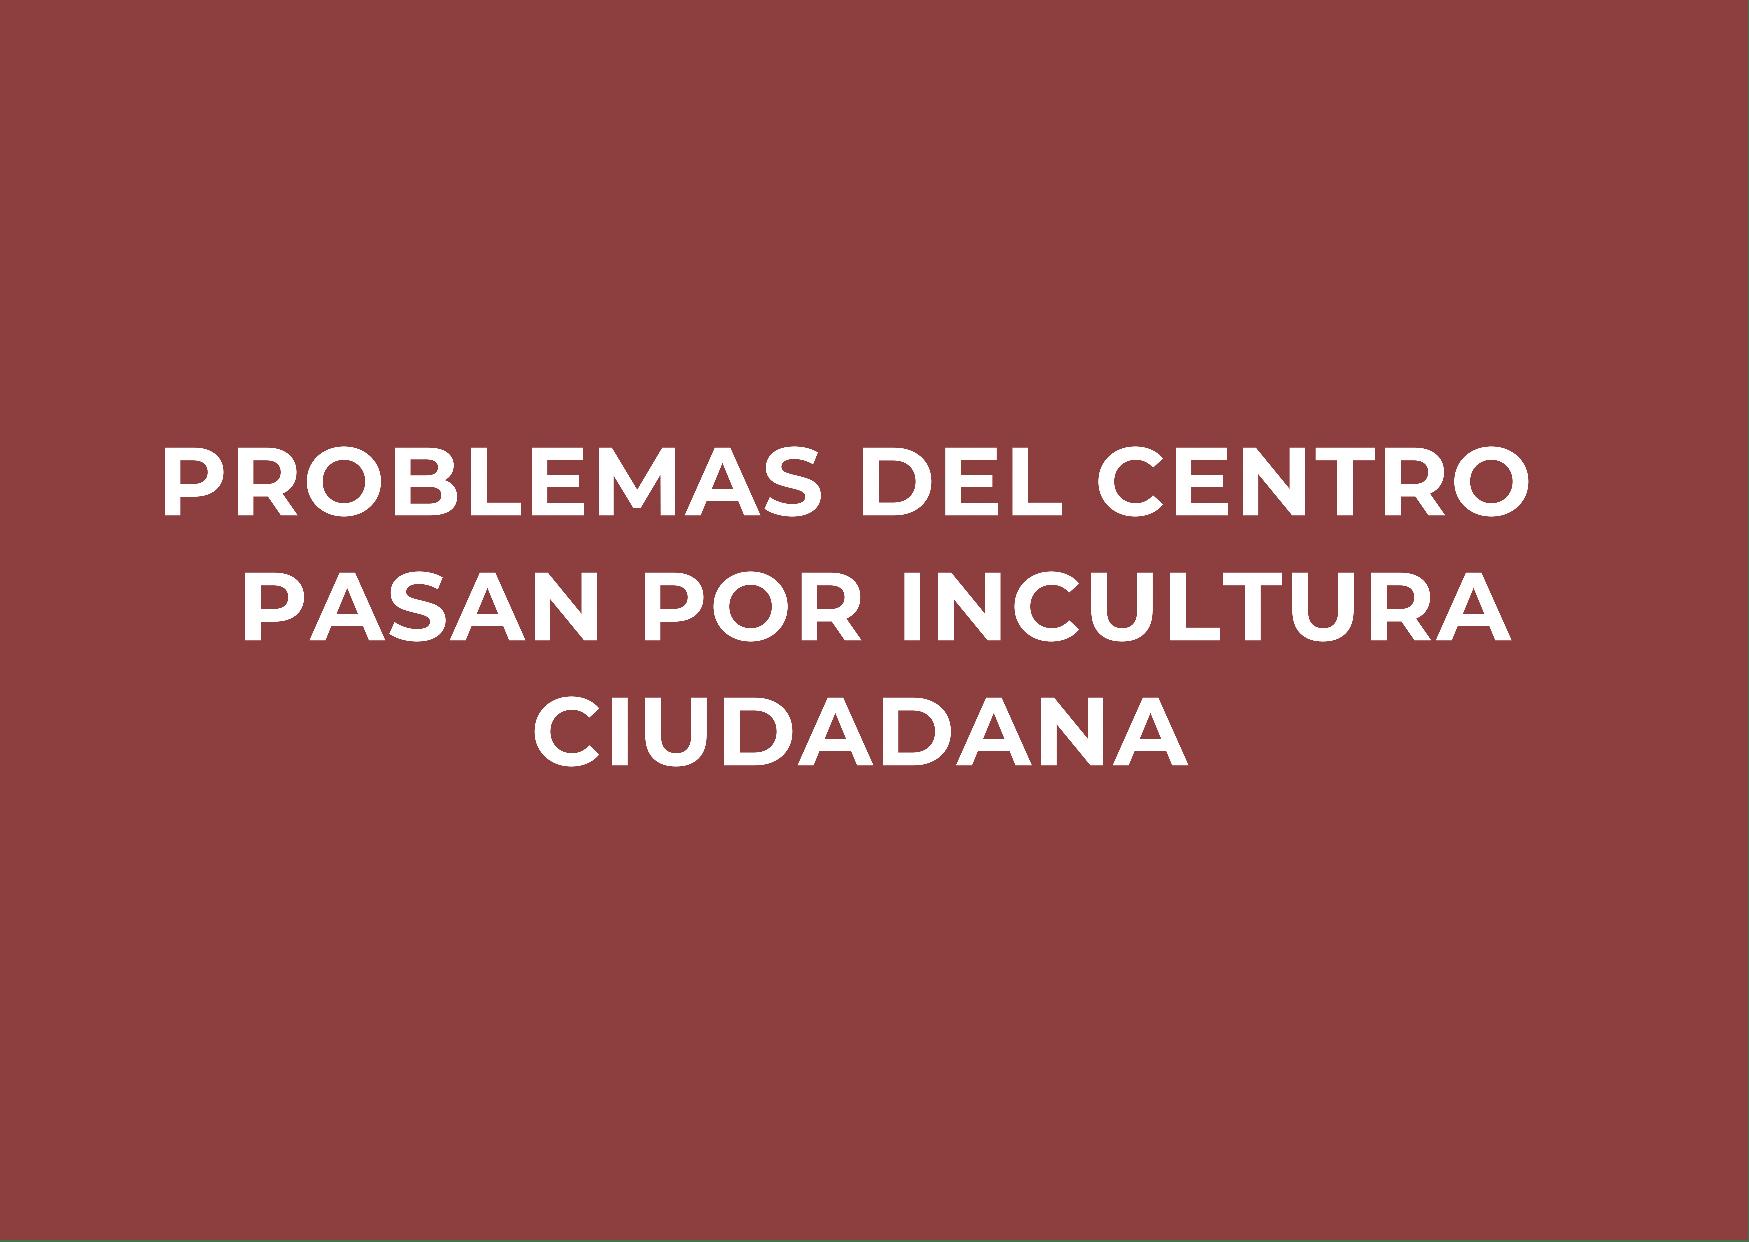 problemas del centro pasan por incultura ciudadana